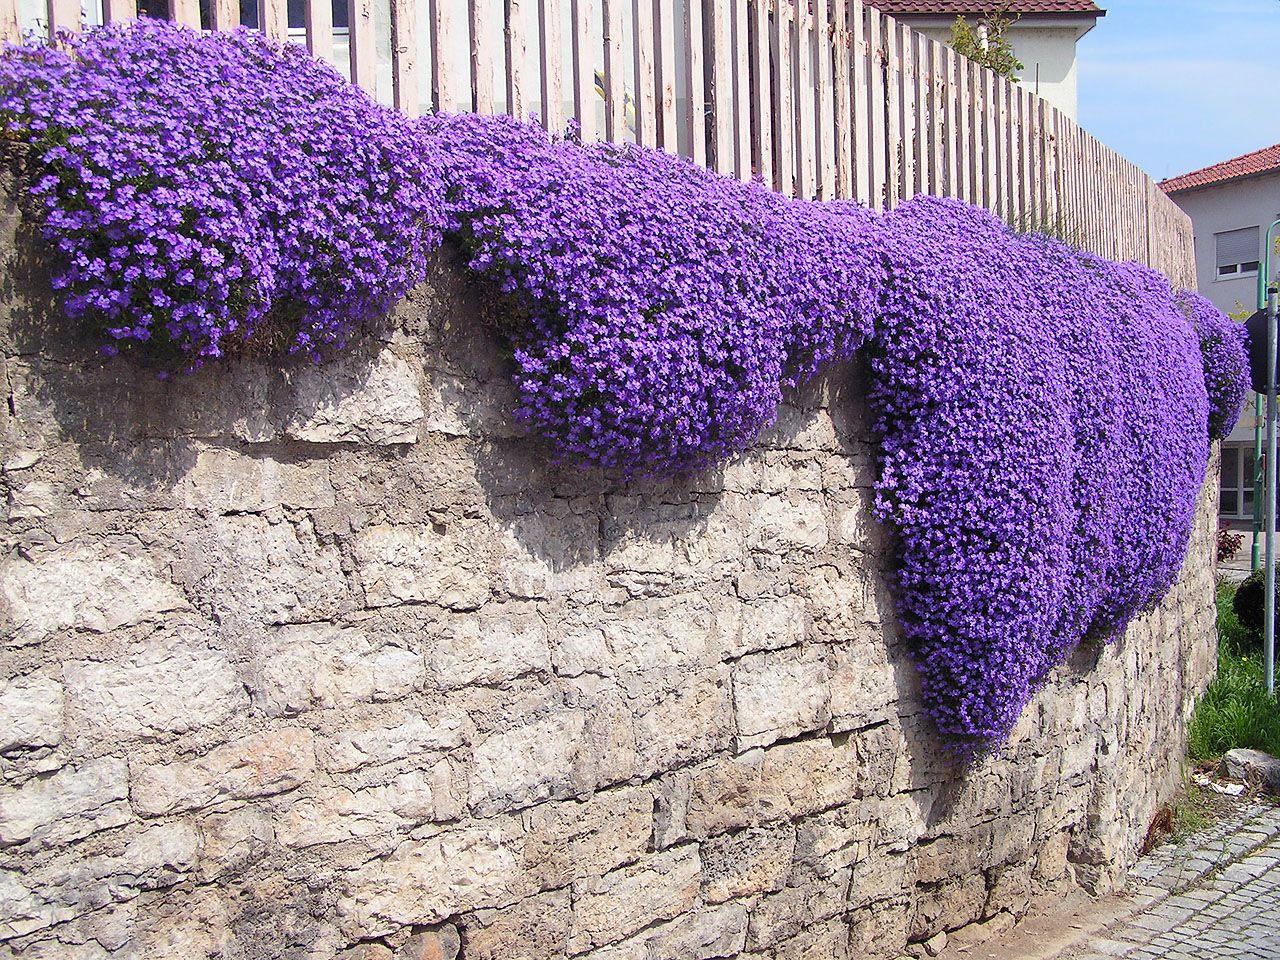 Sarkan Balkon Çiçekleri